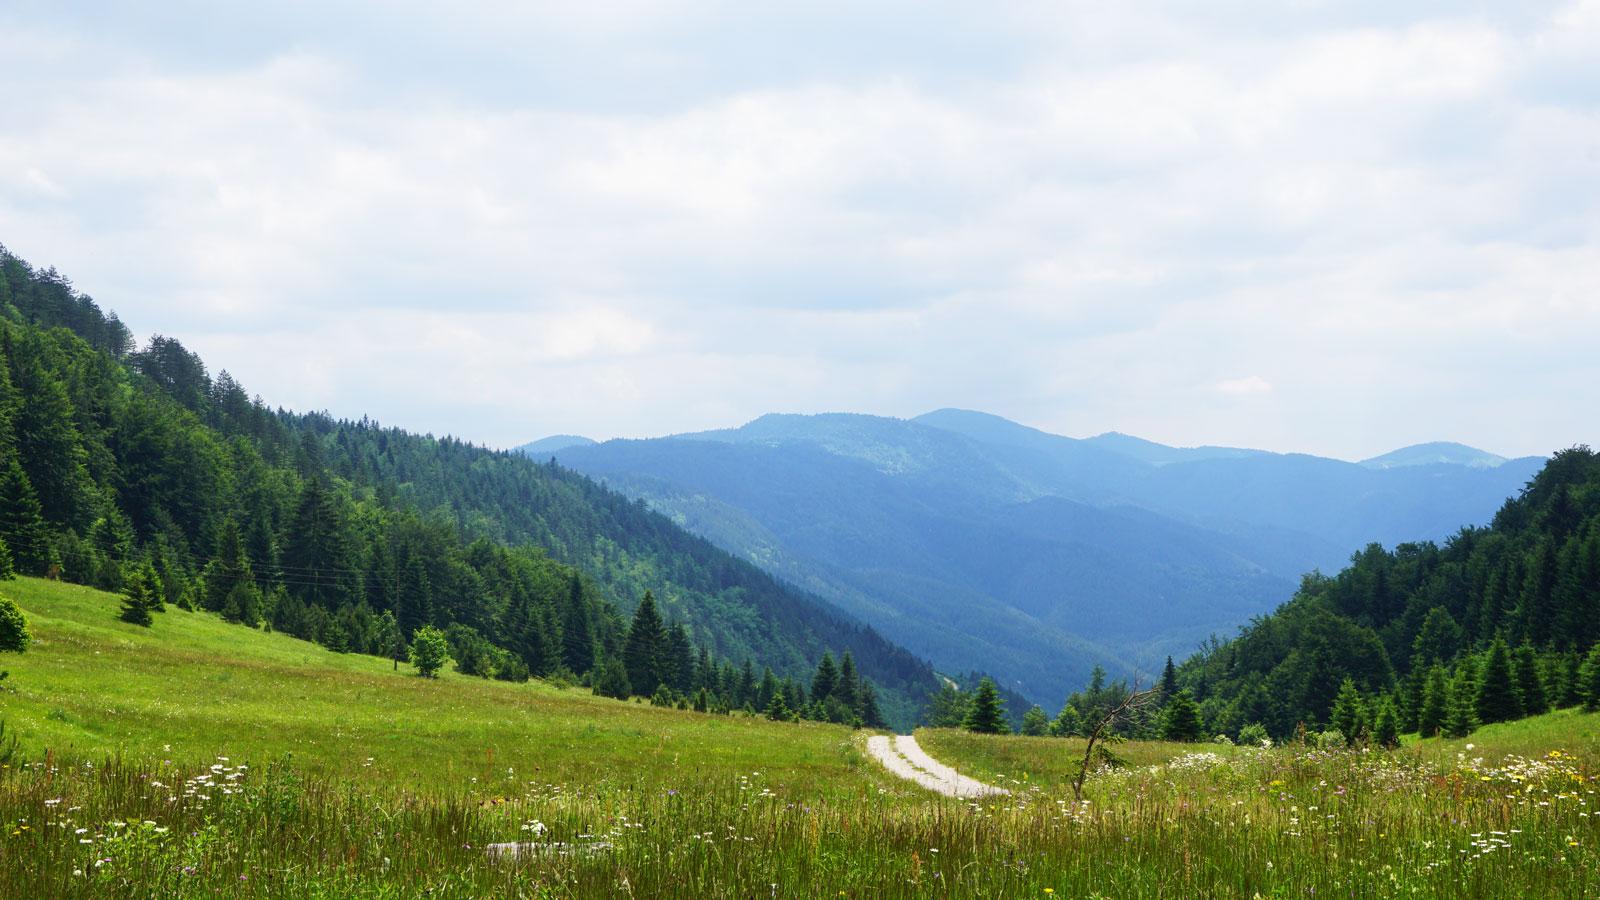 Tara National Park hiking trails